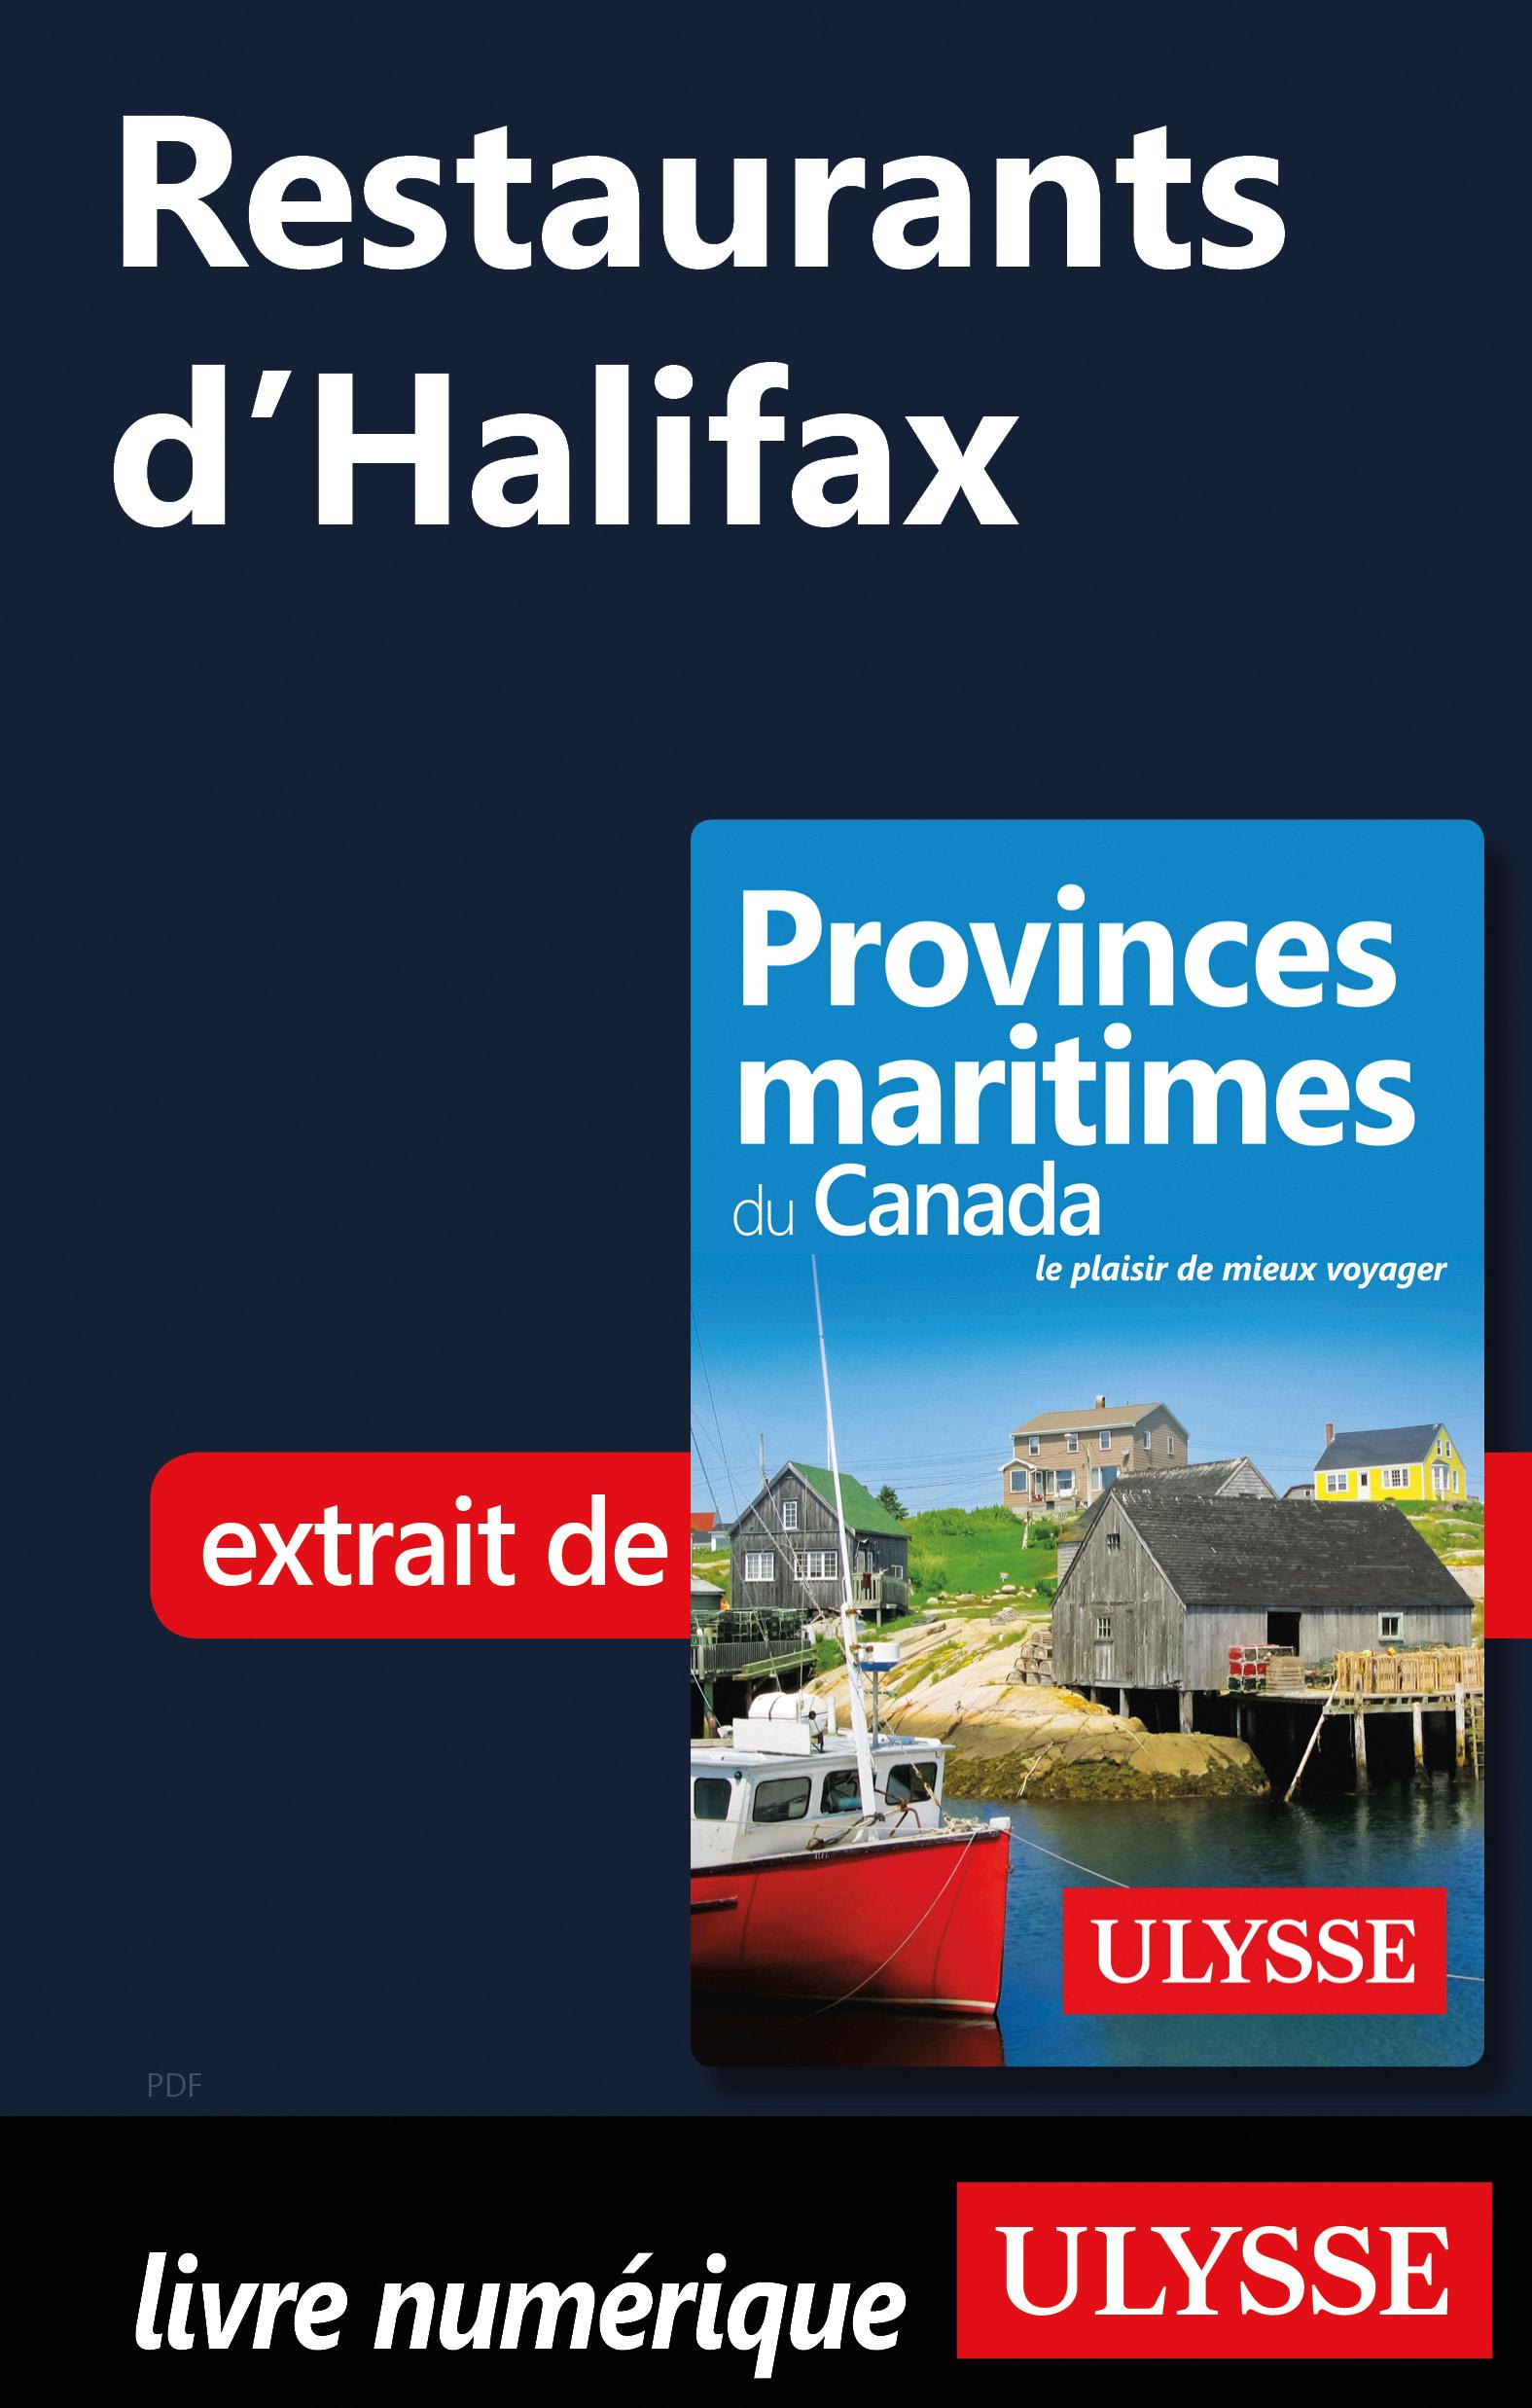 Restaurants d'Halifax